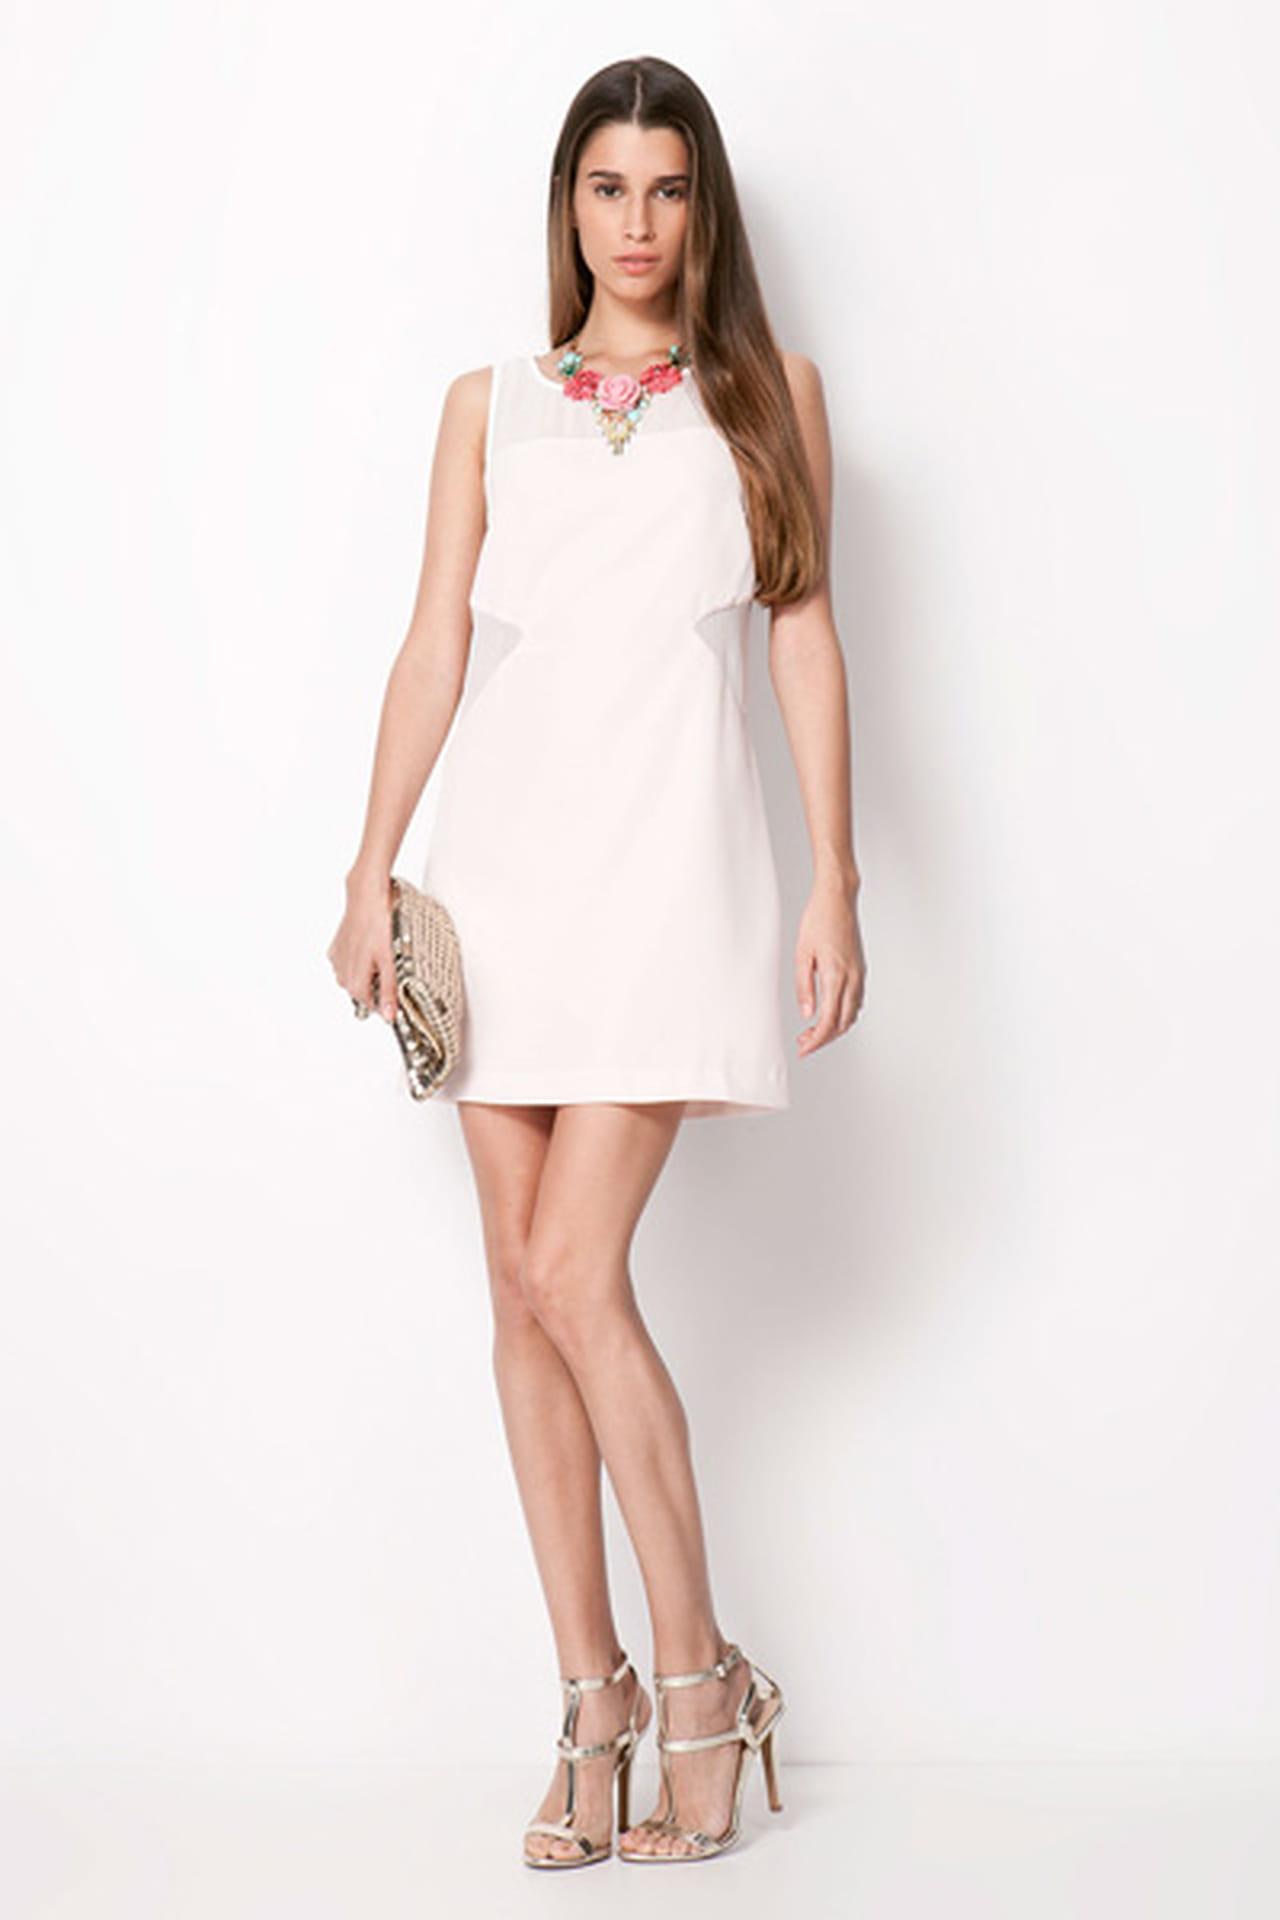 39fcd8fc0f331 فساتين جميلة من اللون الأبيض من موضة صيف 2013